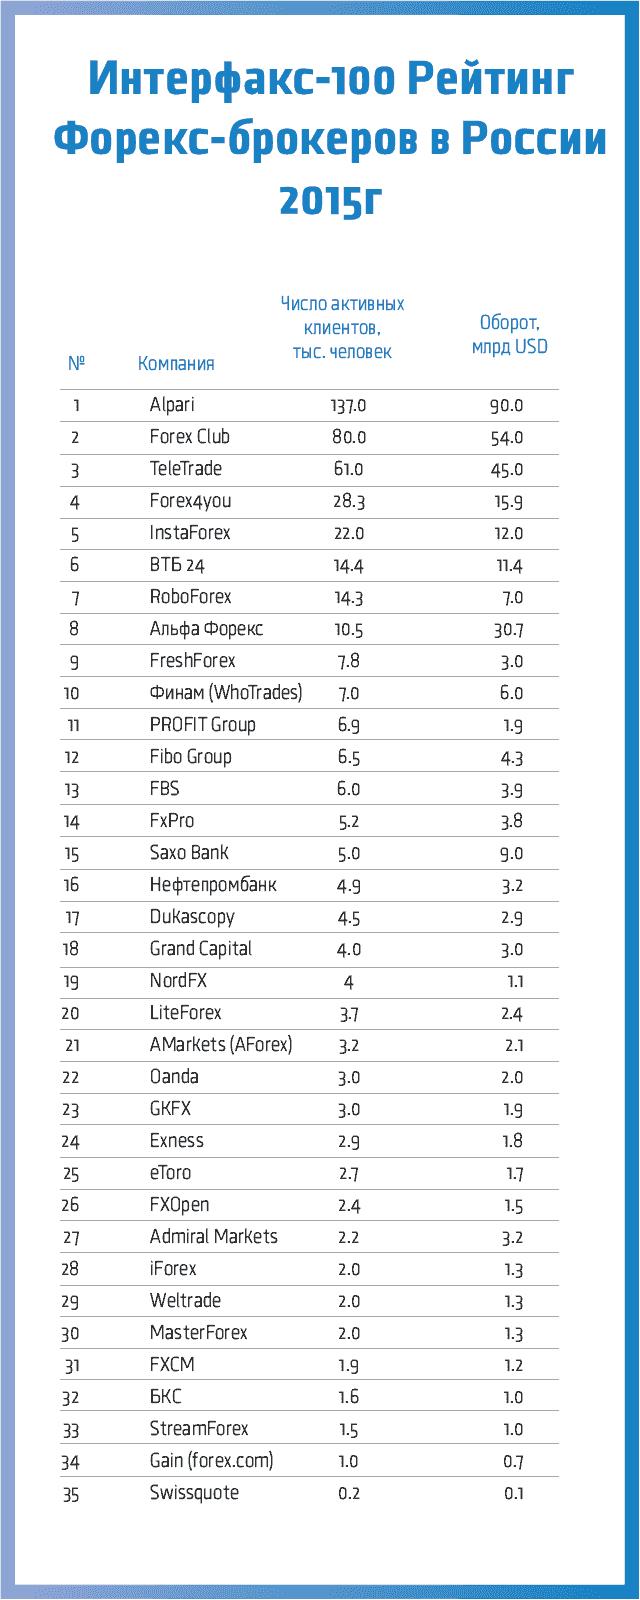 рейтинг форекс-брокеров от интерфакс за 2015 год